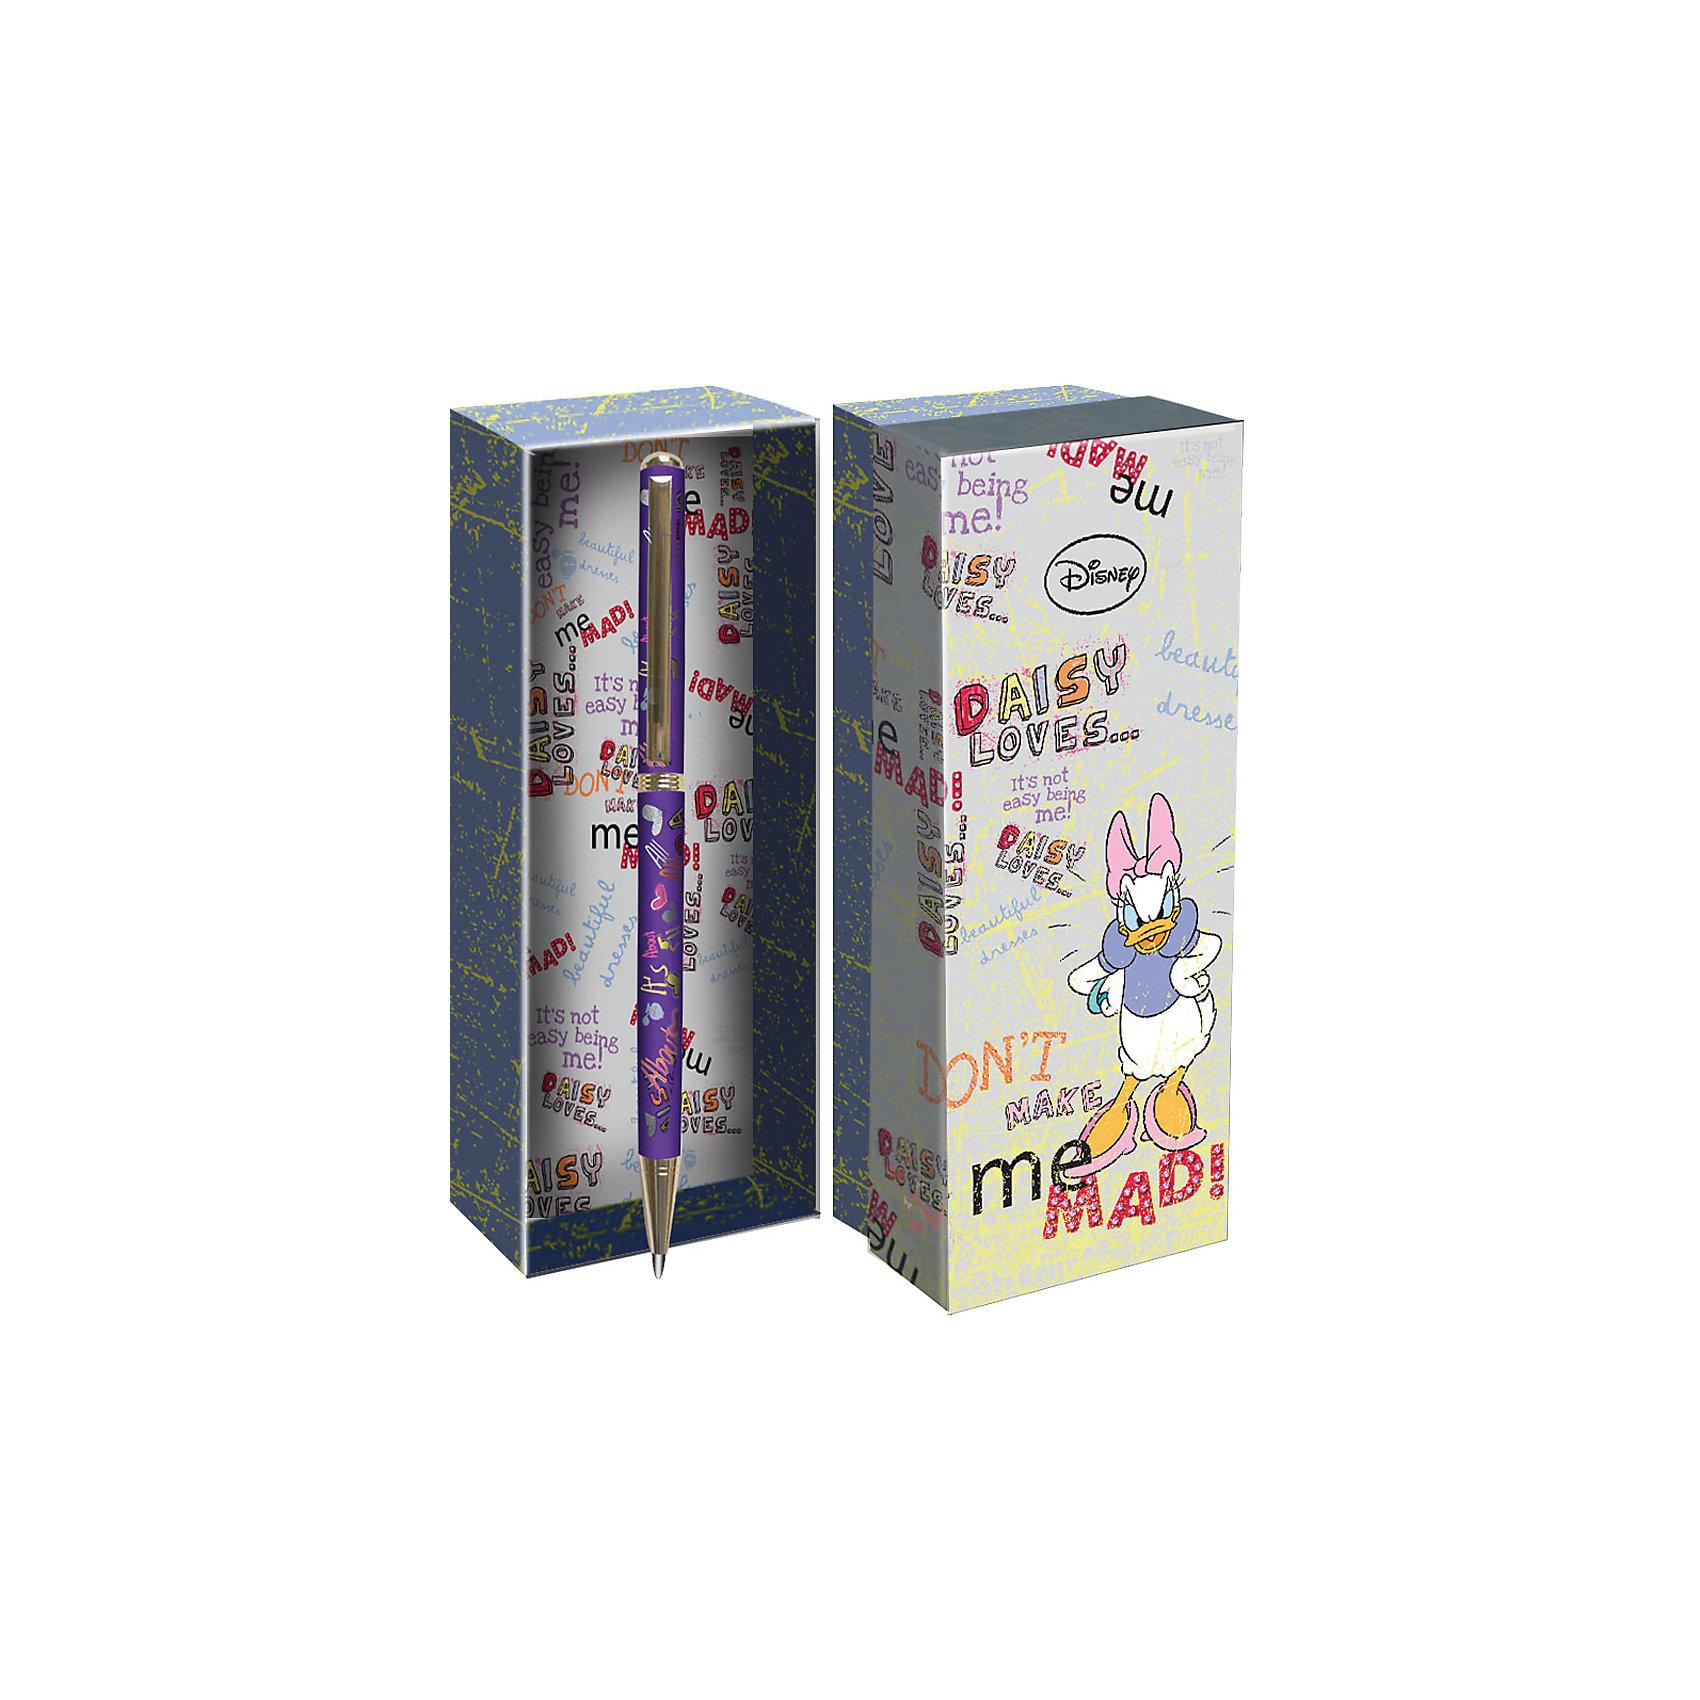 Подарочная ручка, Disney Дэйзи ДакПодарочная ручка, Disney Дэйзи Дак<br><br>Характеристики:<br><br>• подарочная упаковка<br>• яркий дизайн<br>• тип ручки: шариковая<br>• цвет чернил: синие<br>• толщина линии: 0,7 мм<br>• материал: пластик, металл<br>• размер упаковки: 21х20х7 см<br>• вес: 125 грамм<br><br>Красивая ручка с ярким дизайном - отличный подарок для поклонников клуба Микки Мауса. Подарочная упаковка и ручка оформлены в стиле знаменитой уточки. Ручка имеет удобную форму и широкую толщину линии - 0,7 мм. Ручка изготовлена из прочного пластика.<br><br>Подарочная ручка, Disney Дэйзи Дак вы можете купить в нашем интернет-магазине.<br><br>Ширина мм: 70<br>Глубина мм: 200<br>Высота мм: 210<br>Вес г: 110<br>Возраст от месяцев: 84<br>Возраст до месяцев: 360<br>Пол: Женский<br>Возраст: Детский<br>SKU: 5390288